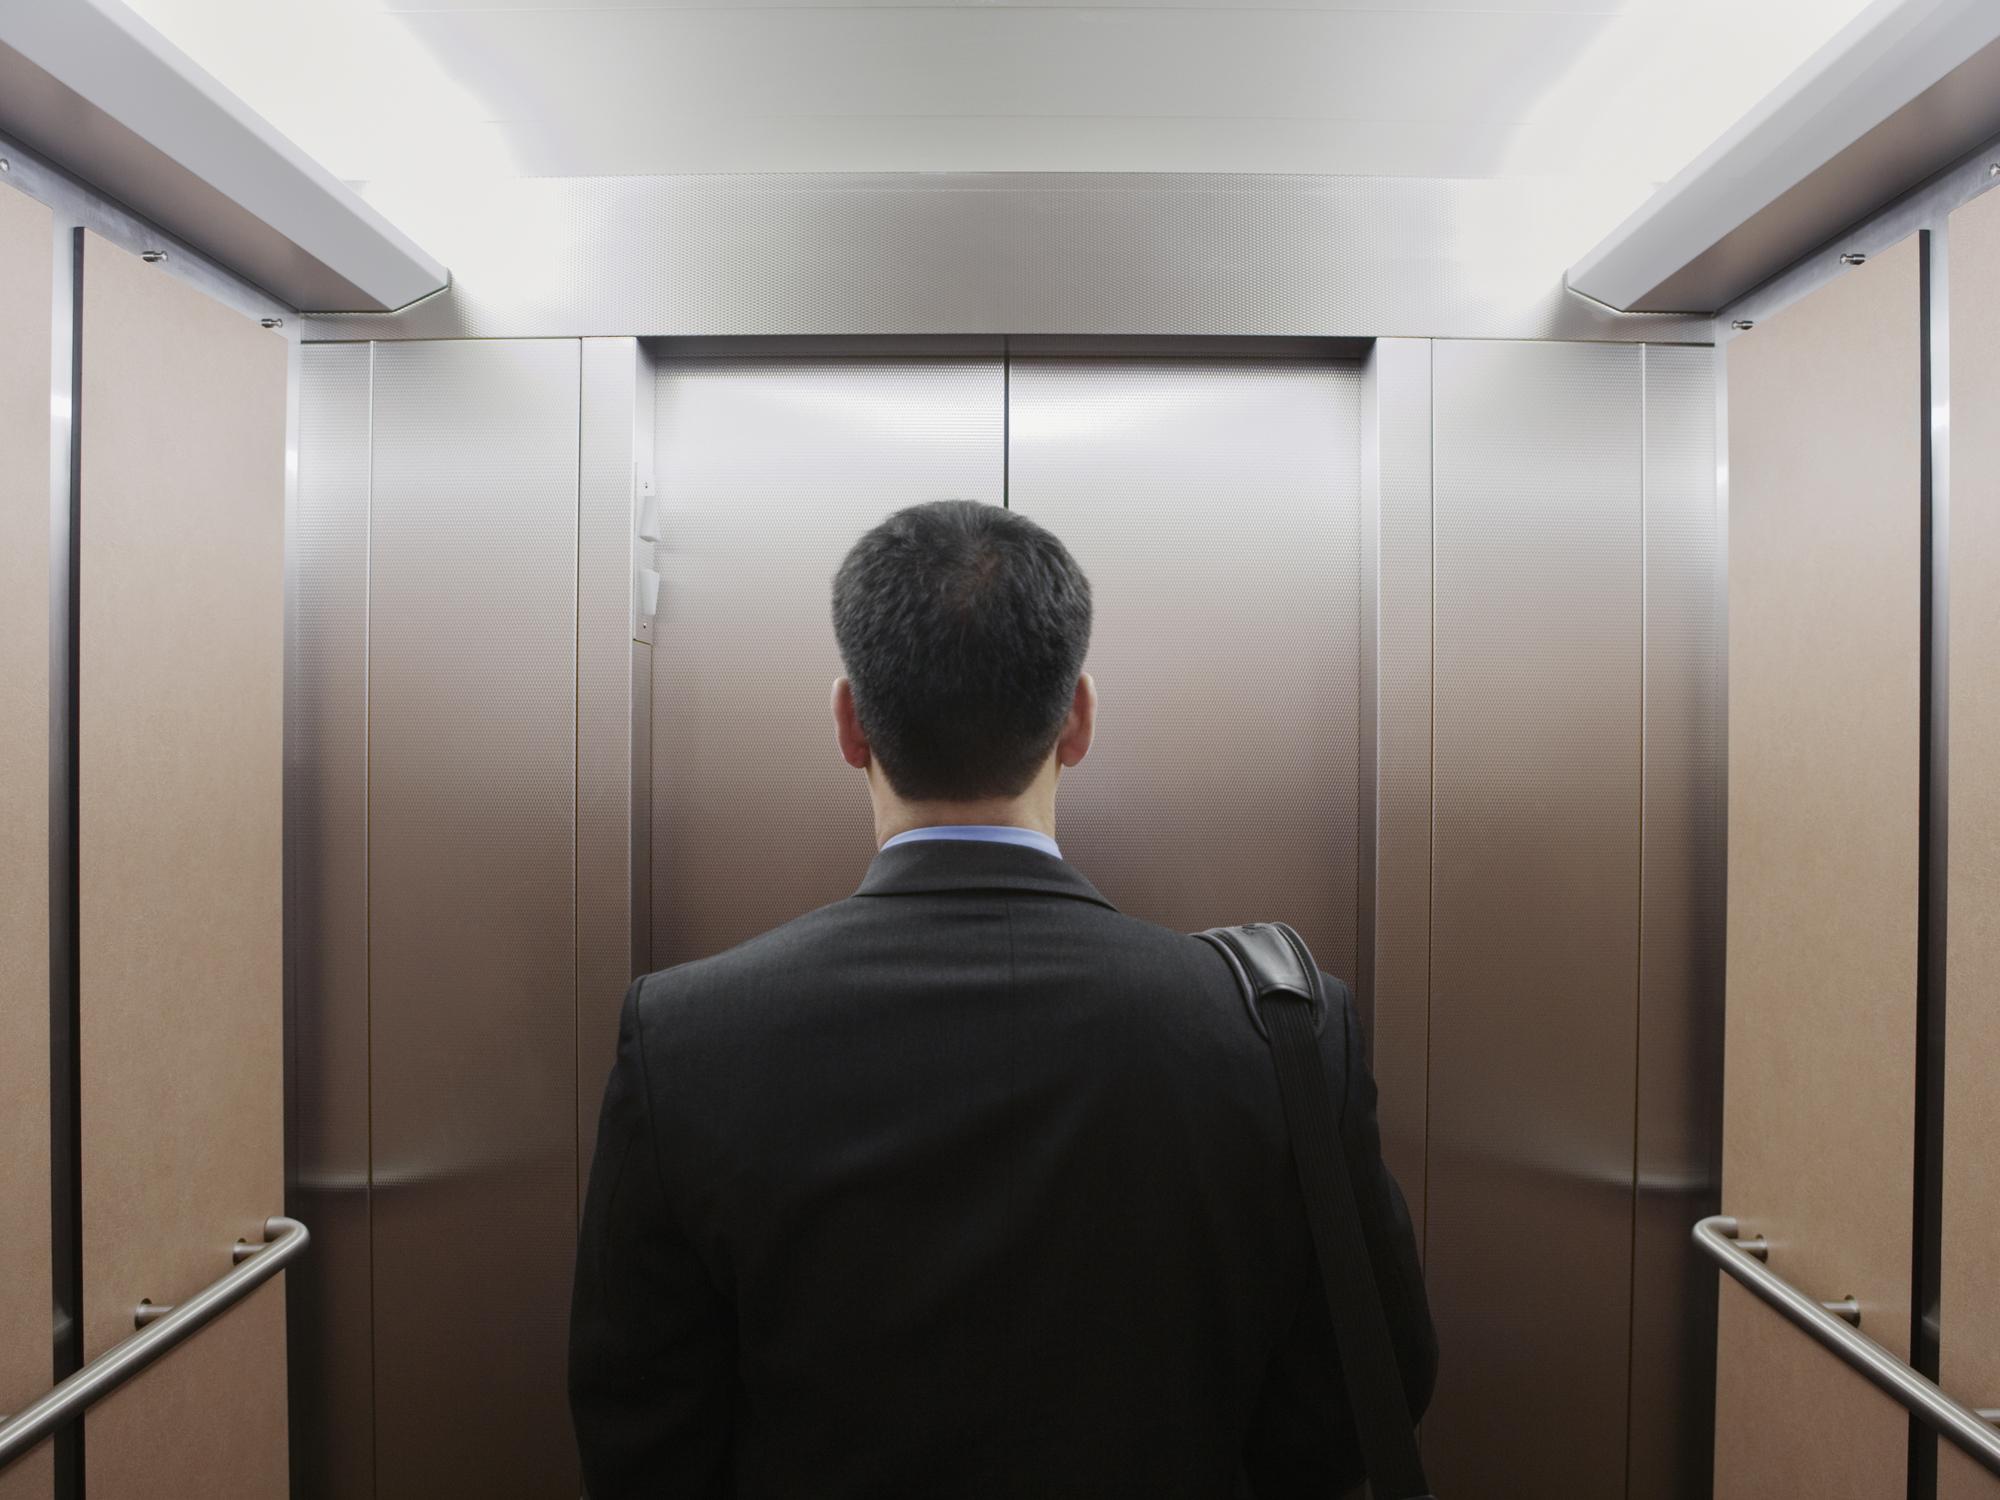 Трахнули зрелую в лифте, Трахнул зрелую в лифте Поебушки. Ком 25 фотография